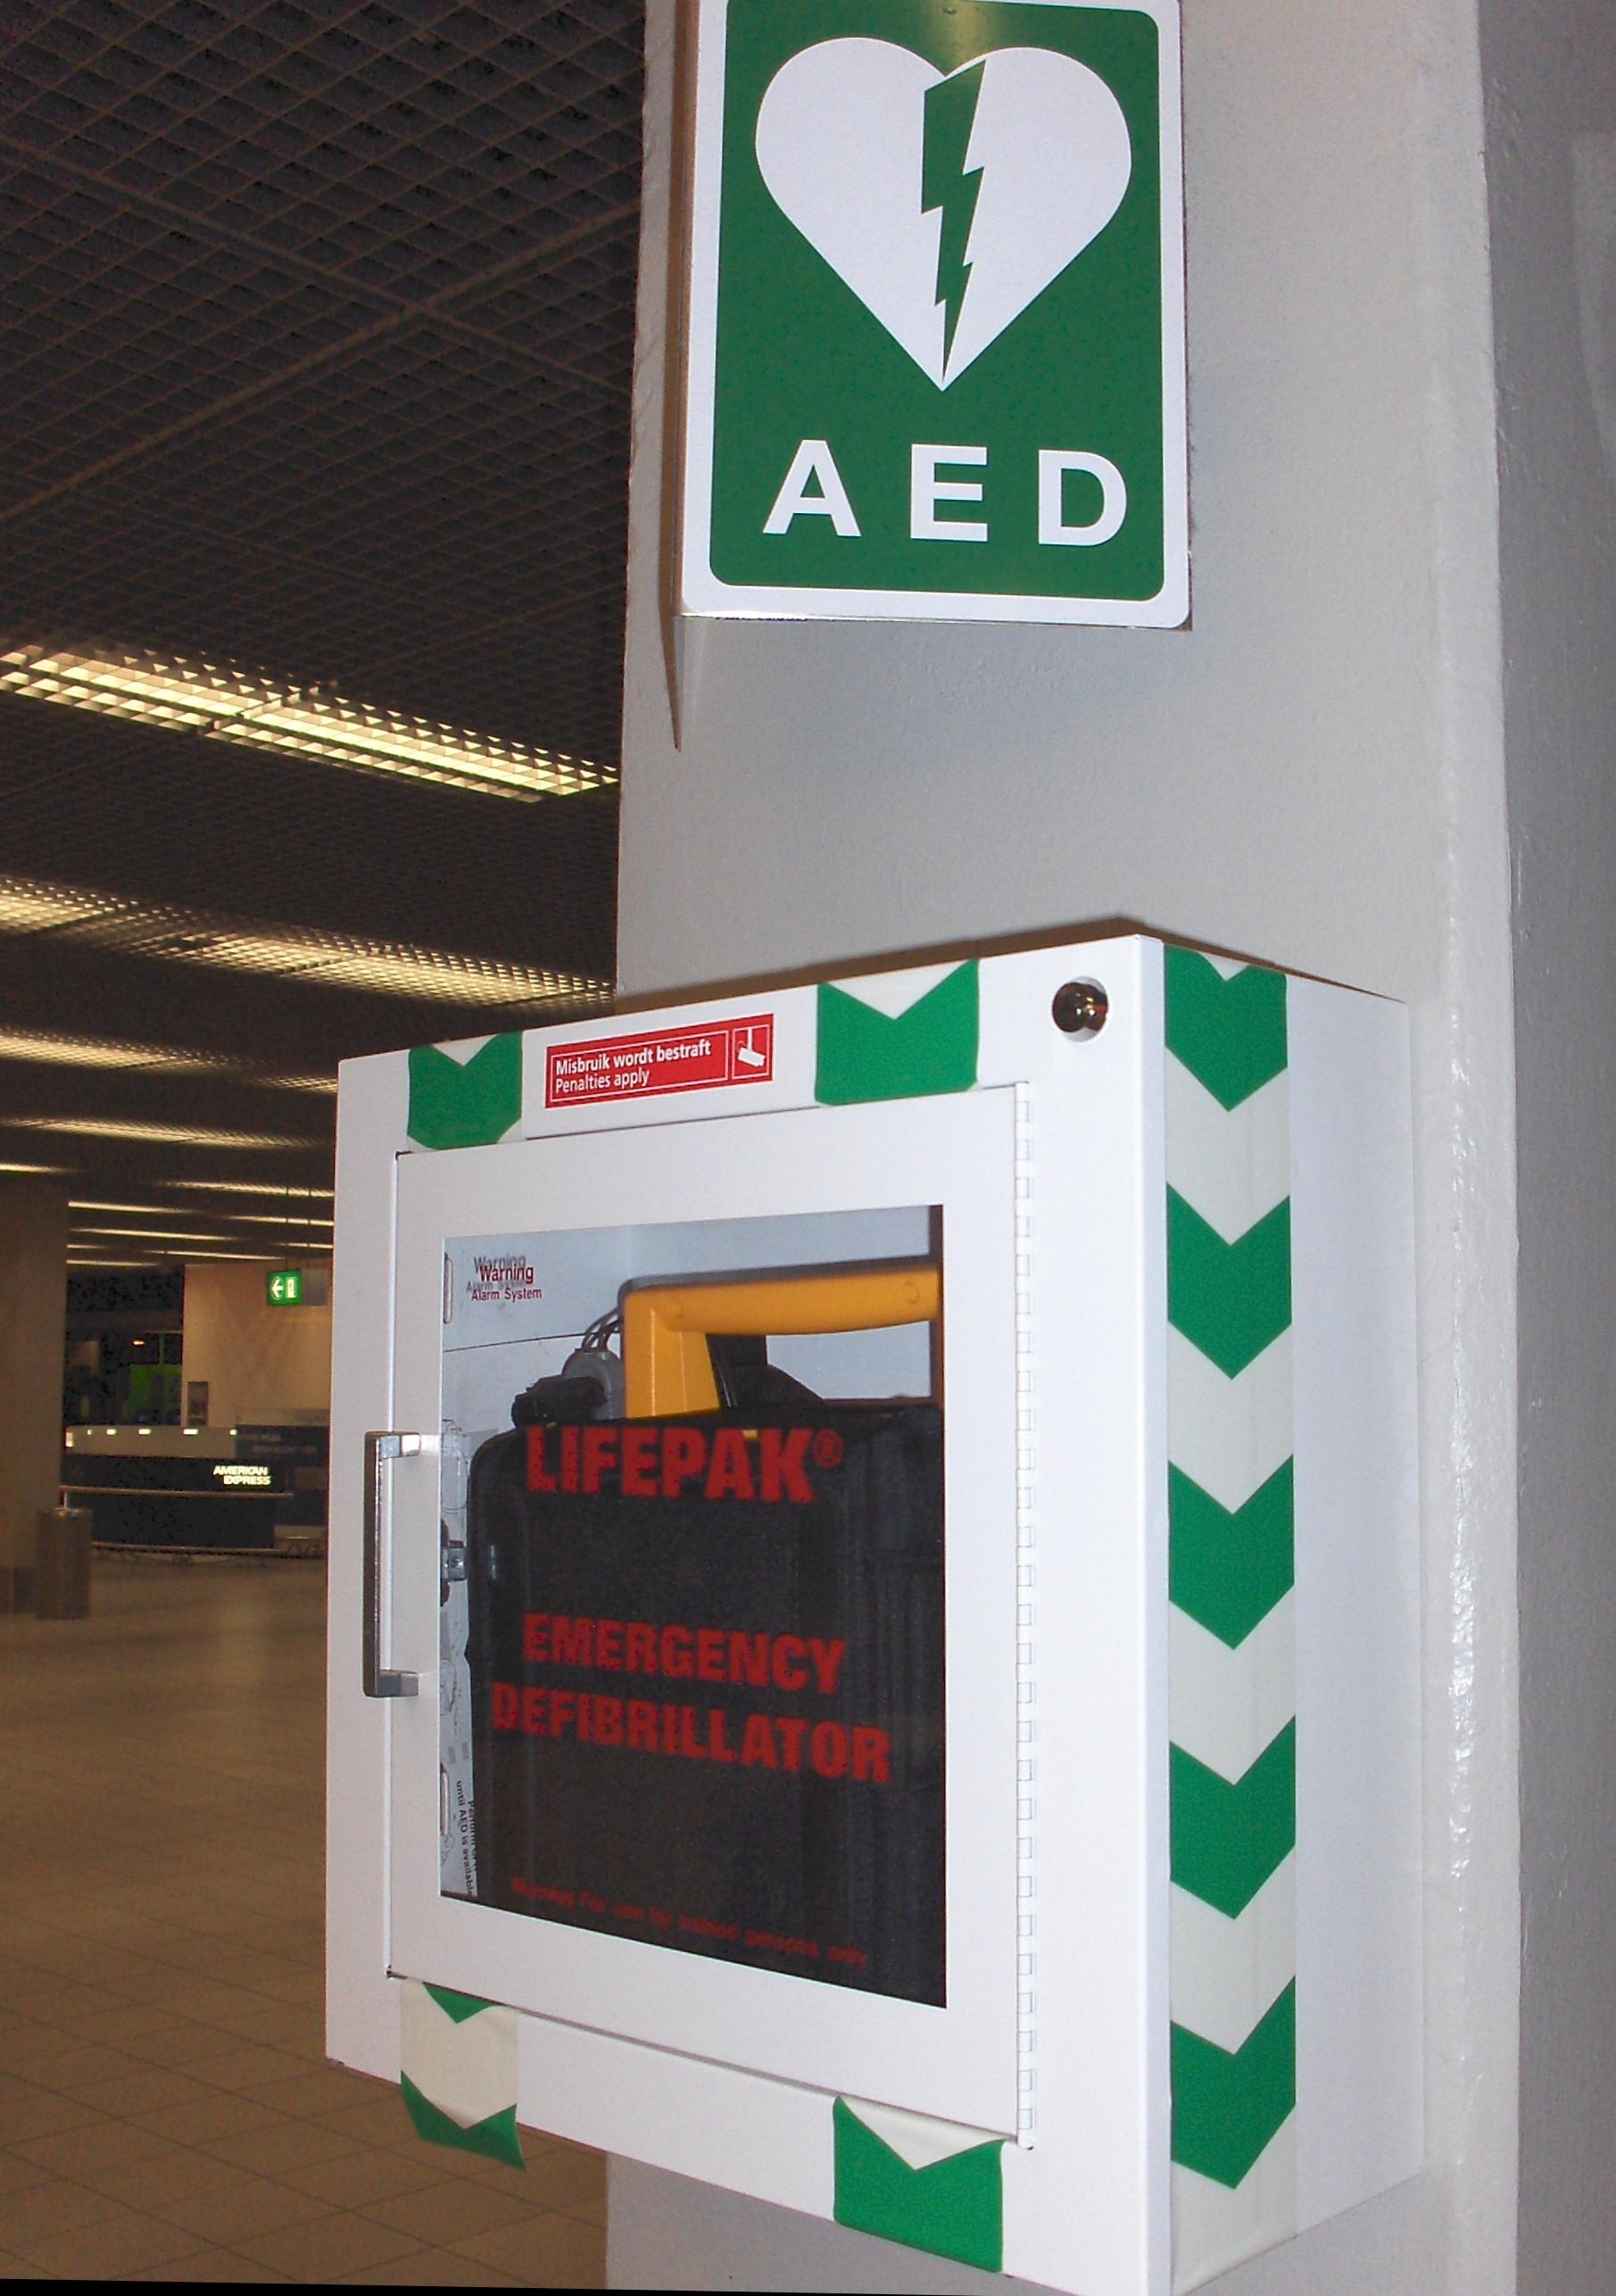 Ook voor een AED kan je bij ons terecht. Klik hier om vrijblijvend een offerte aan te vragen.